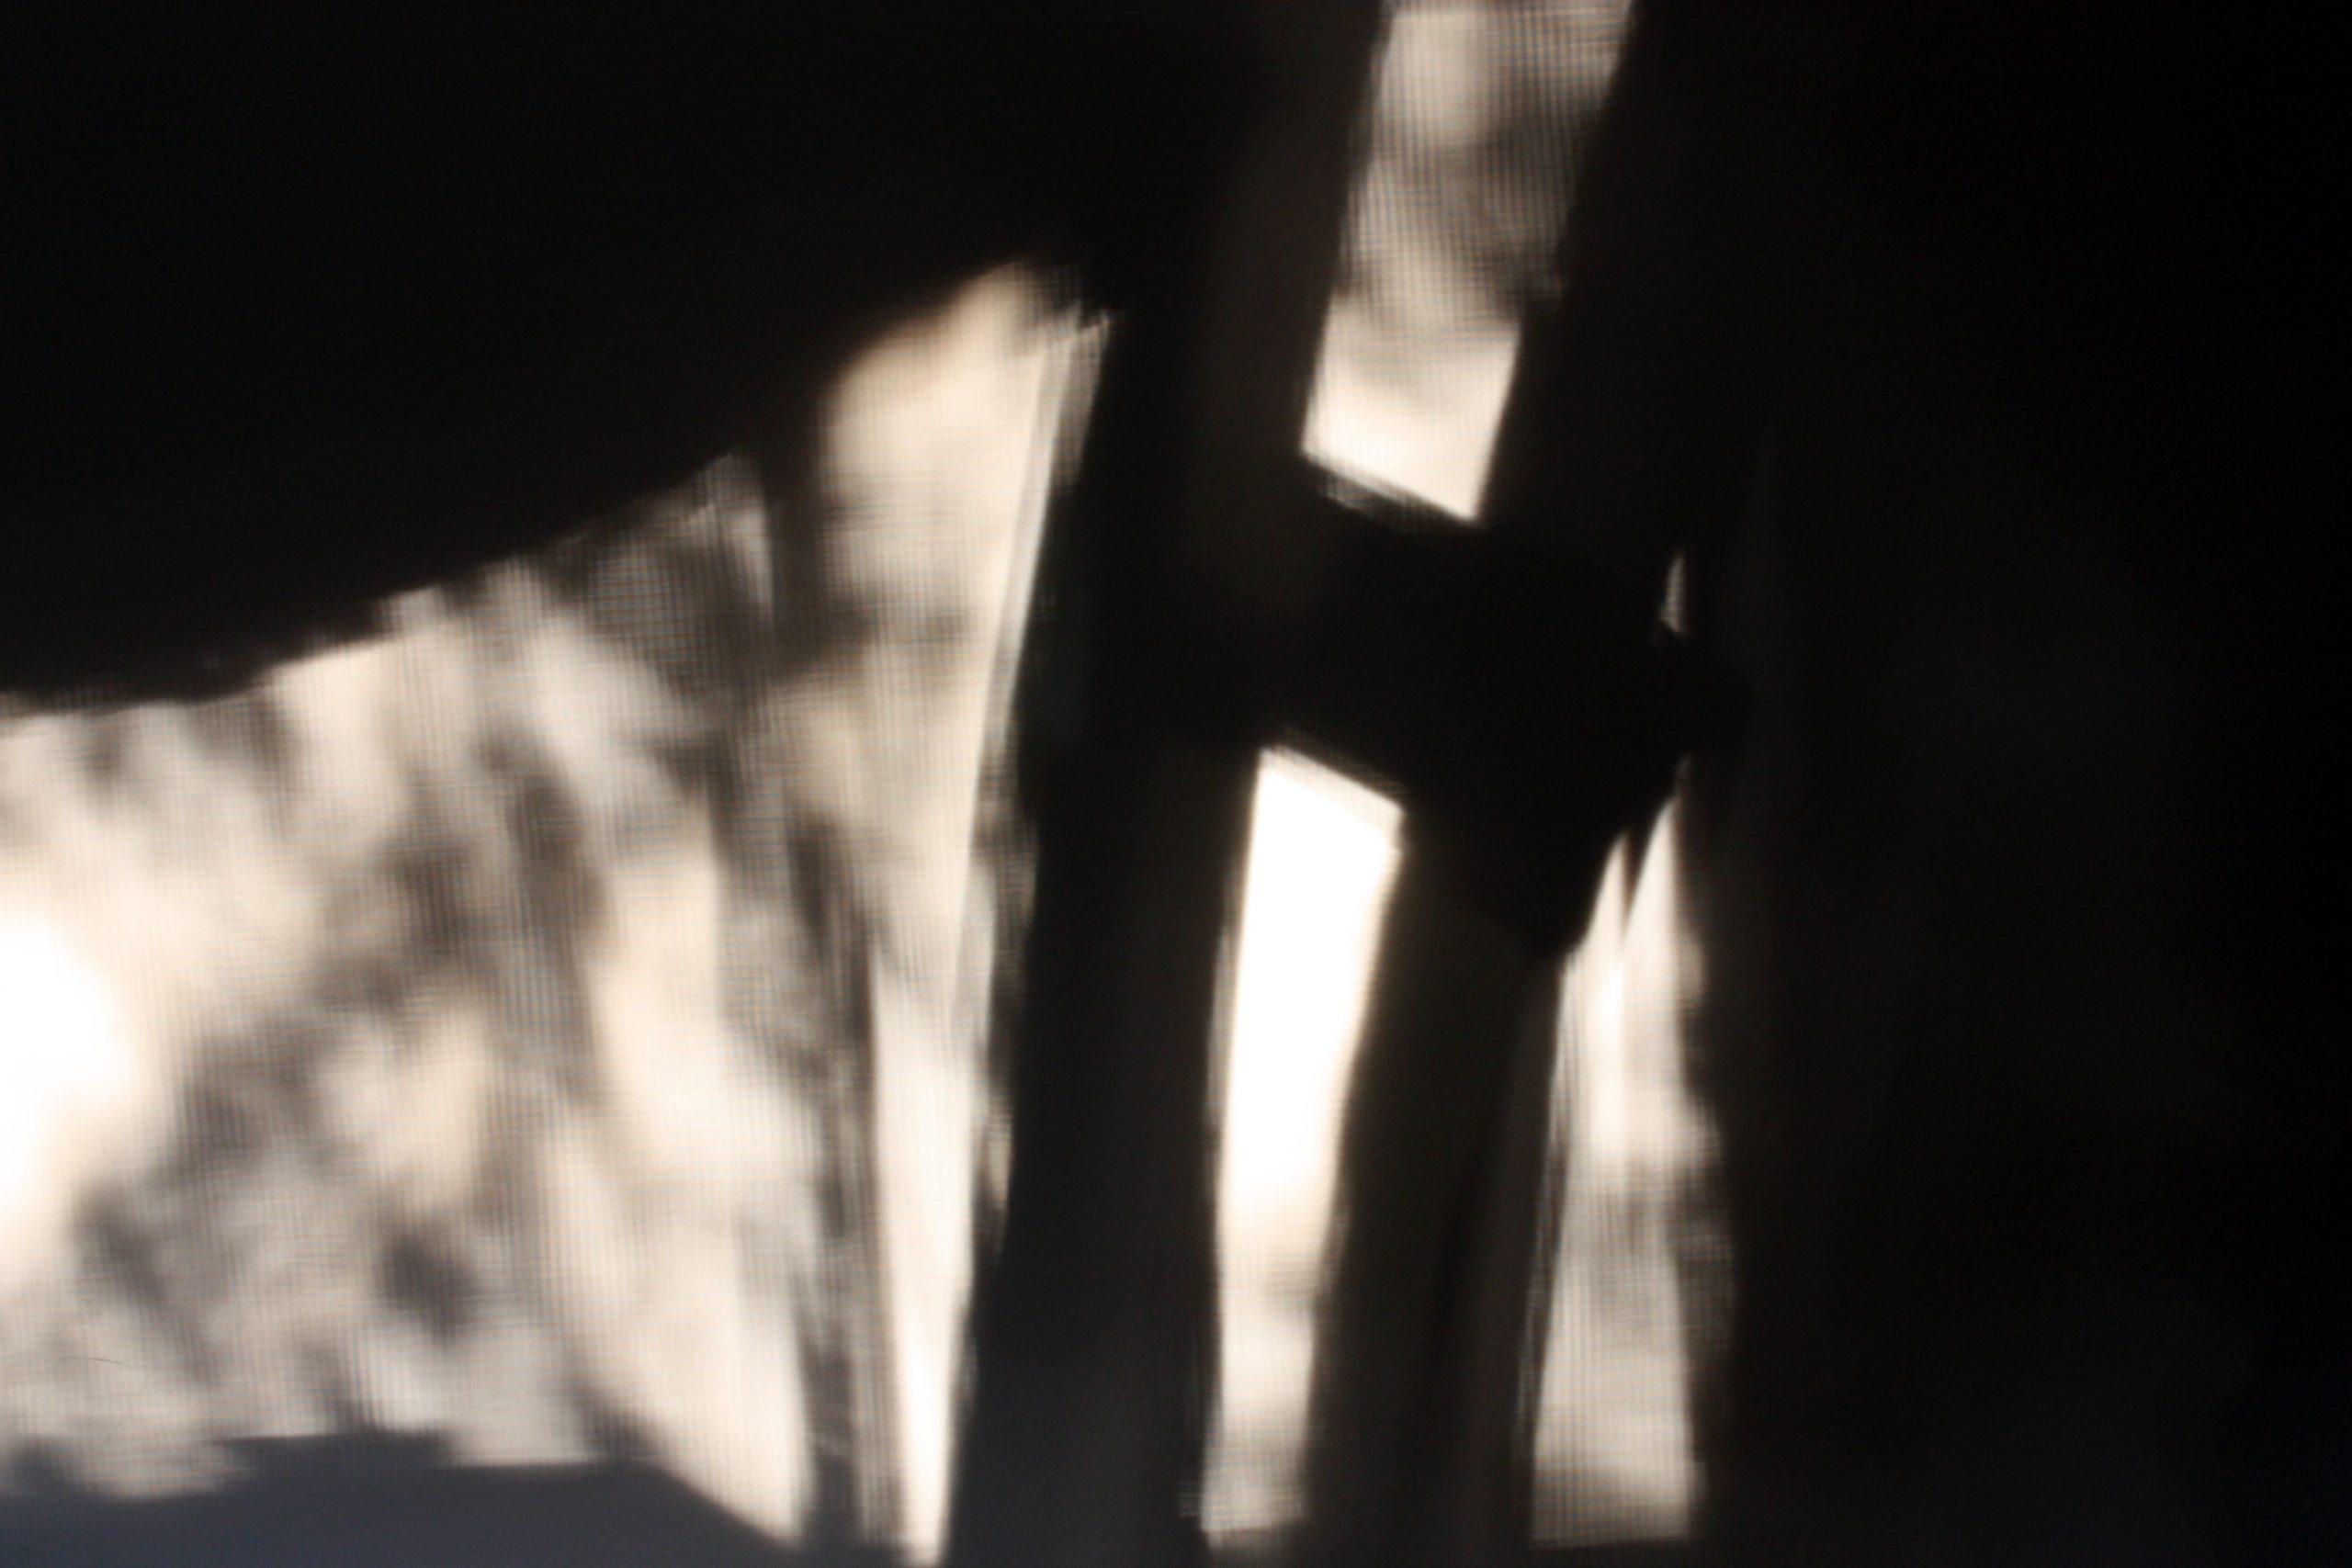 Evening Shadows by F.R. Dane